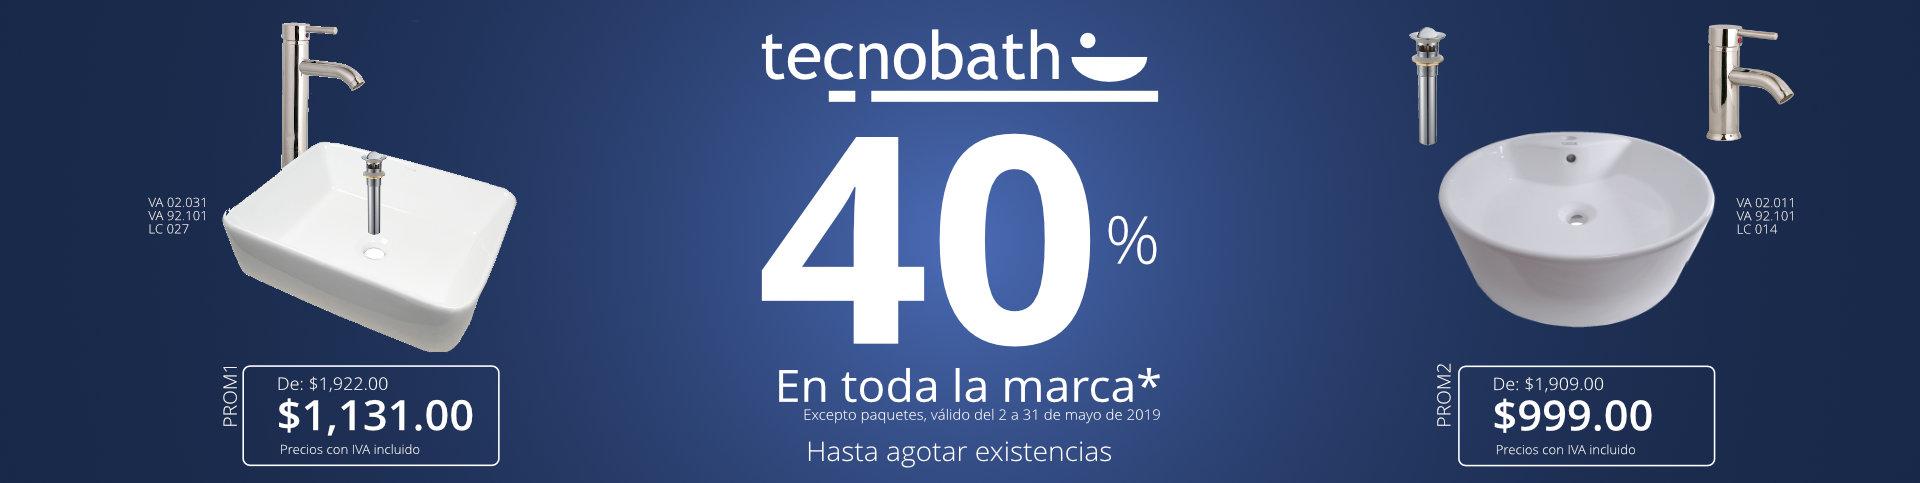 Promoción Tecnobath